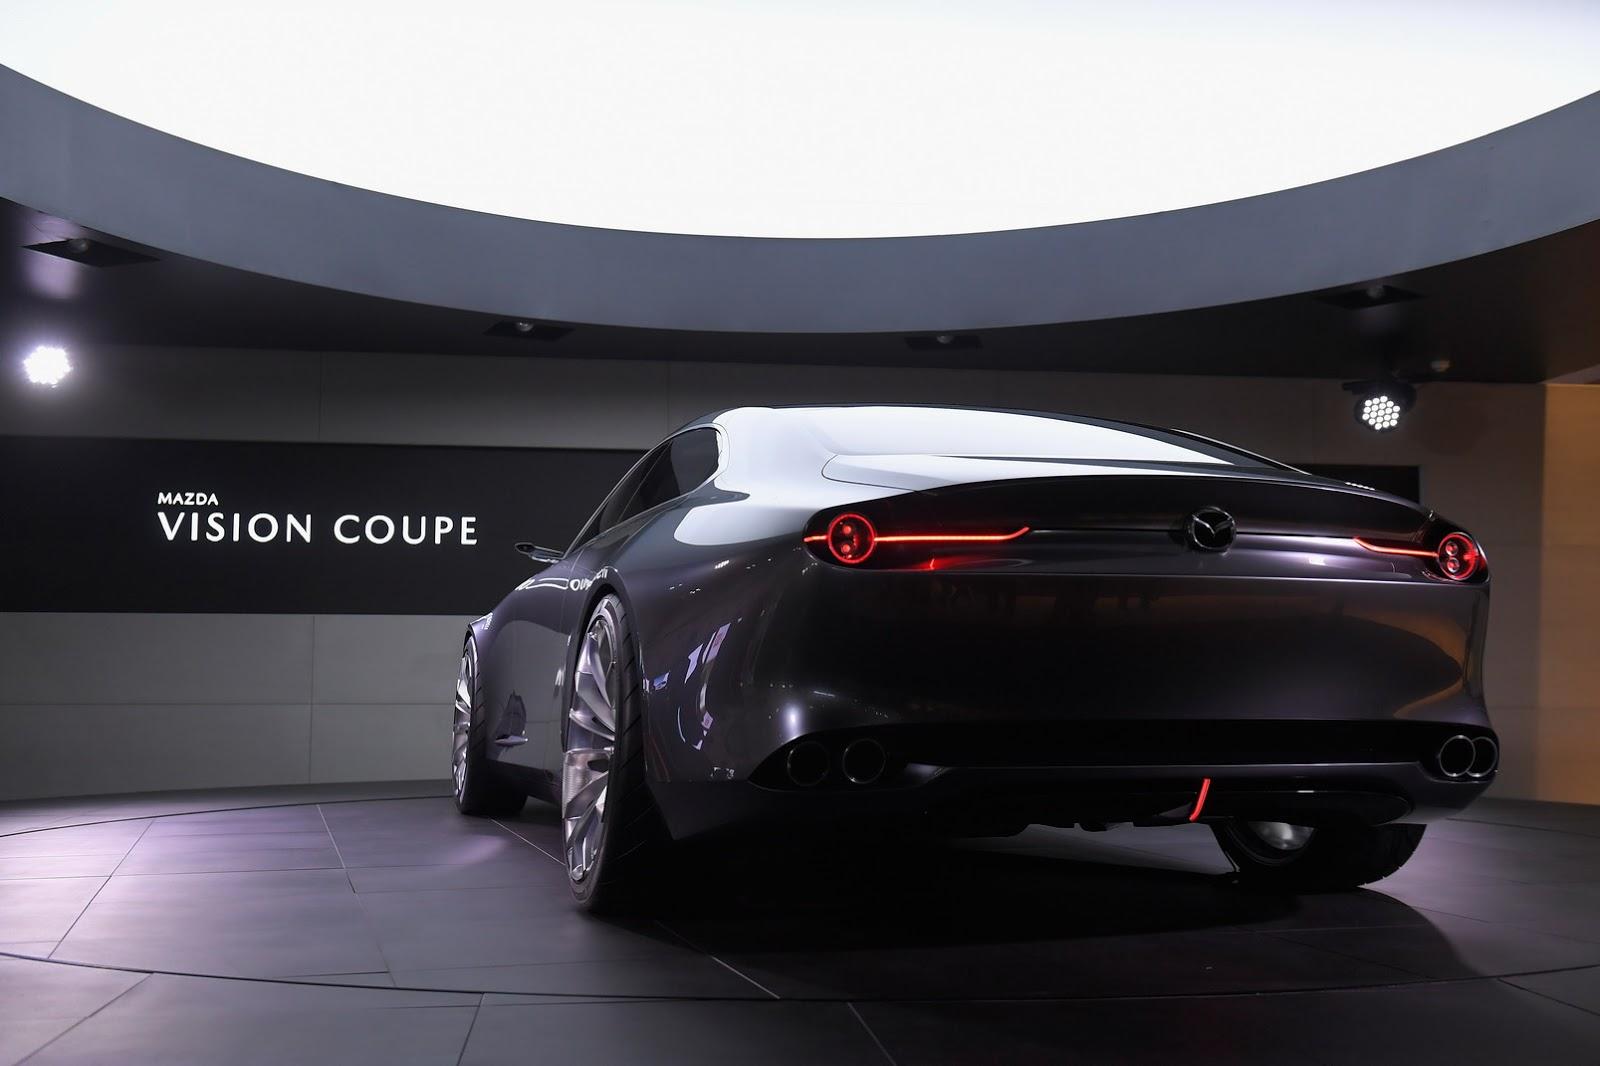 Mazda đang phát triển động cơ xăng và dầu 6 động cơ Skyactiv-X mới - 16